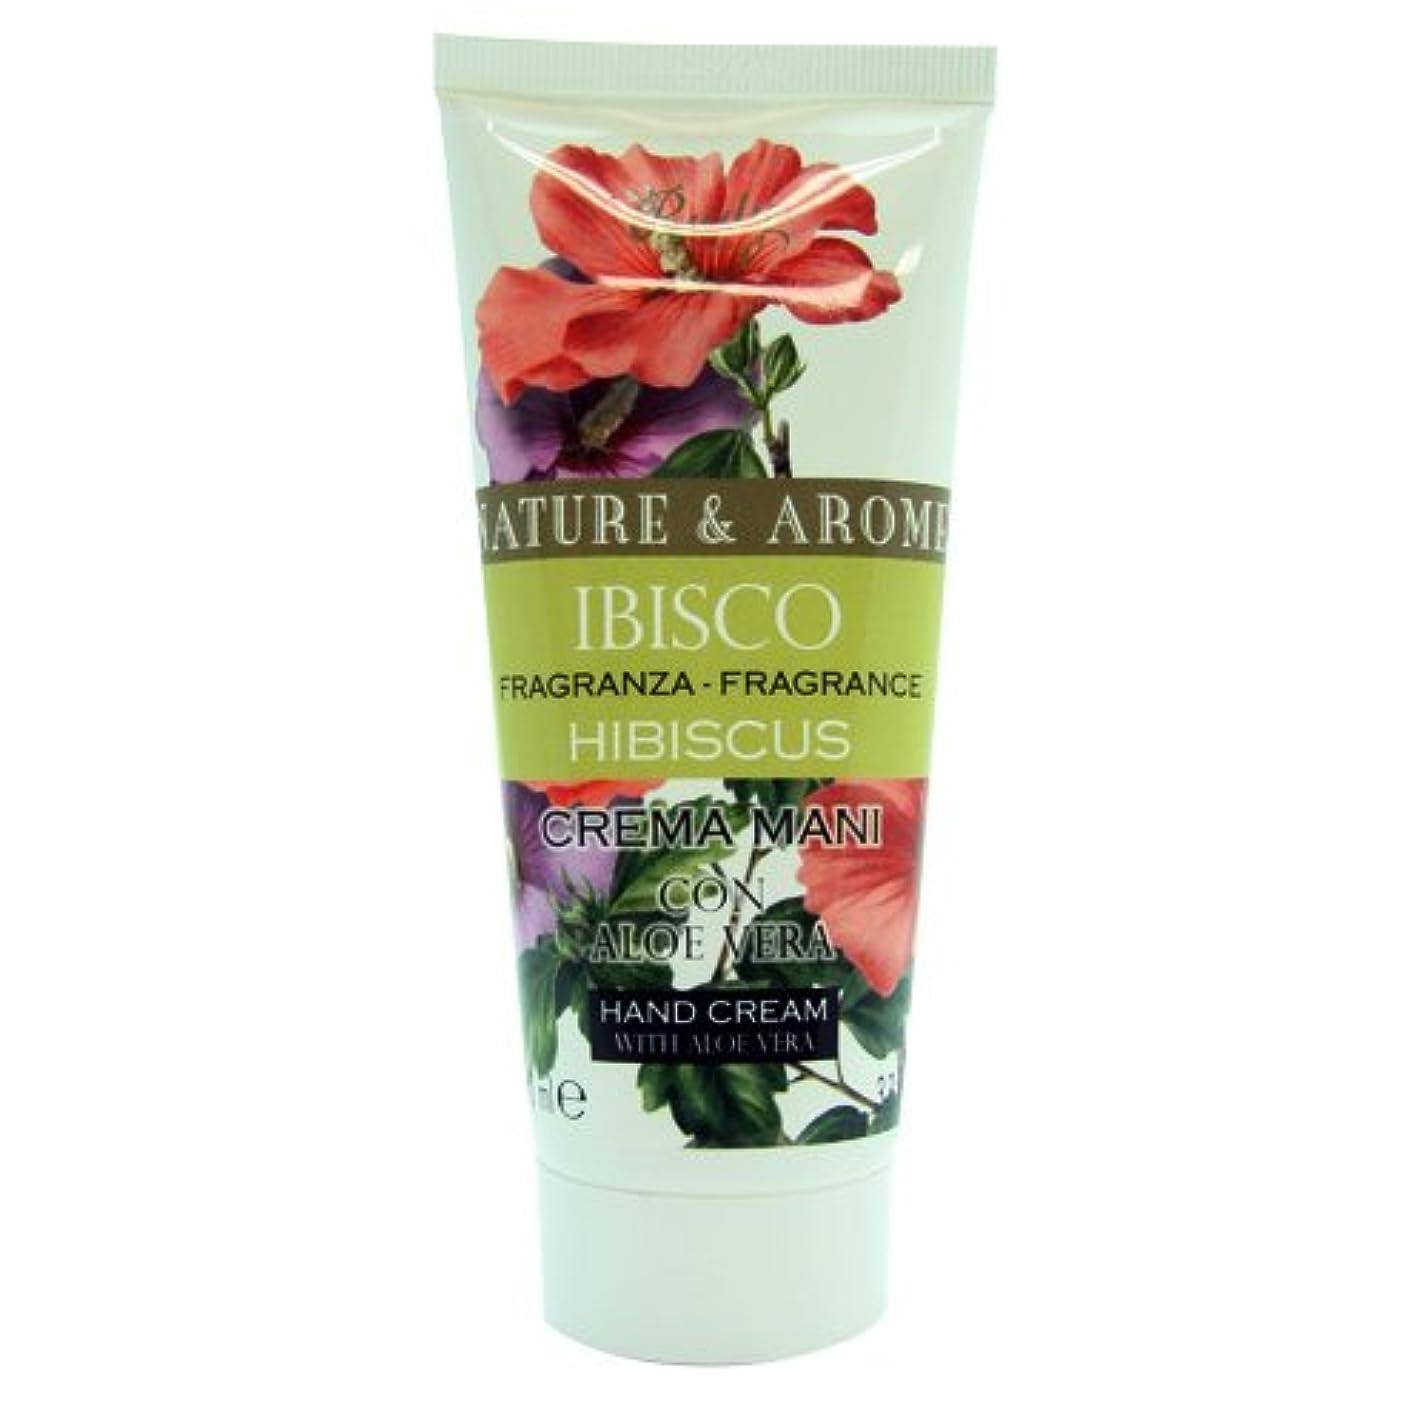 ようこそどこかオーブンRUDY Nature&Arome SERIES ルディ ナチュール&アロマ Hand Cream ハンドクリーム  Hibiscus ハイビスカス